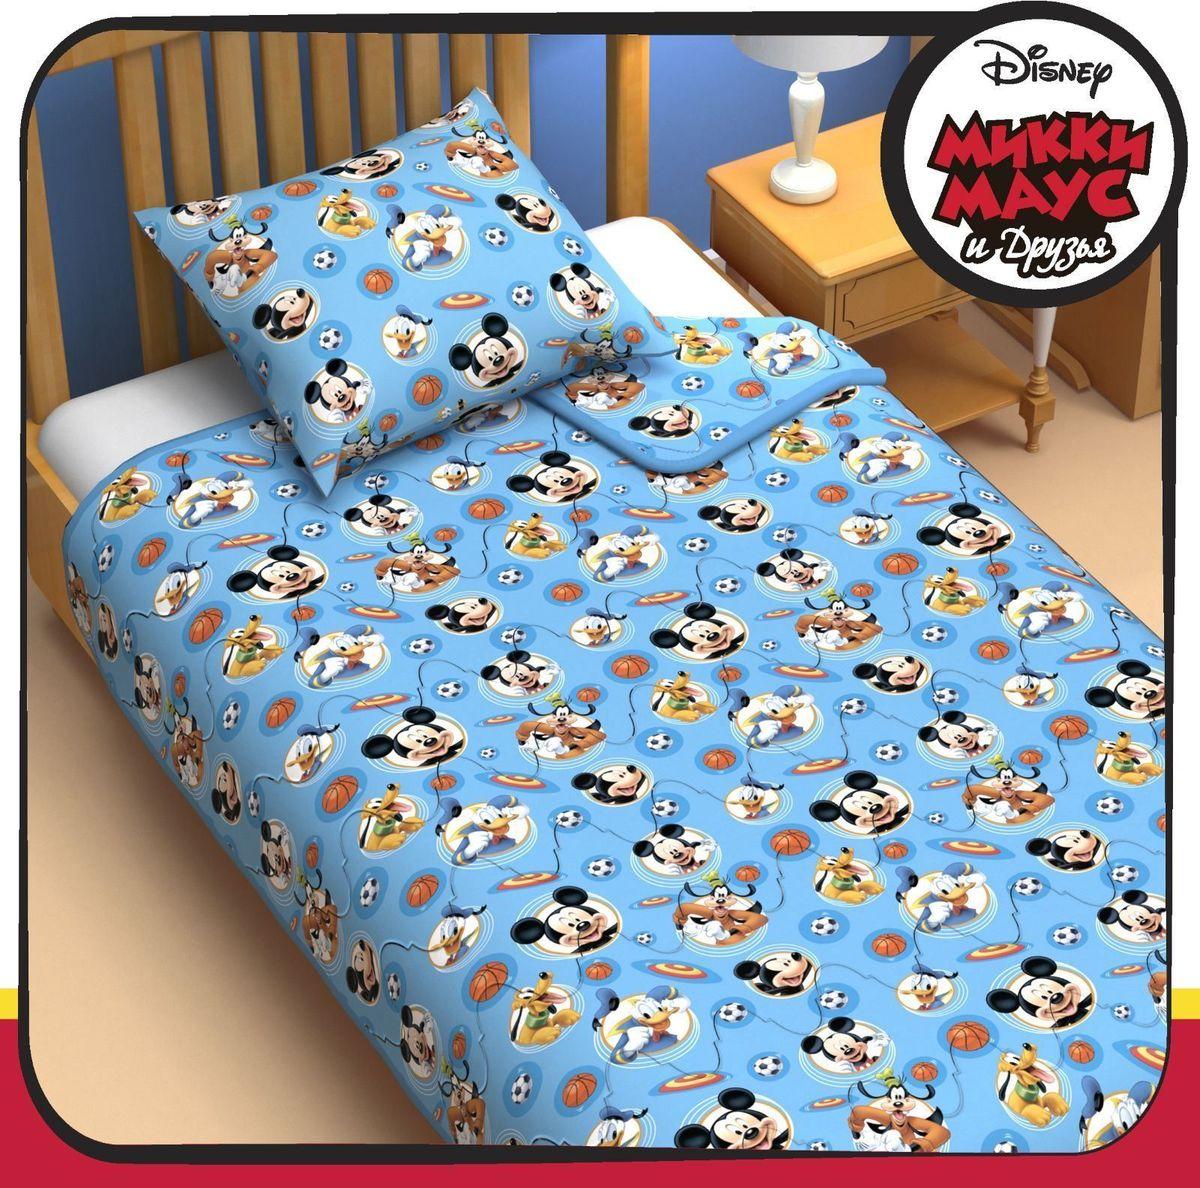 Disney Одеяло 1,5 спальное Микки Маус и его друзья 140 х 205 см 115316542.241Сказочные сны с любимыми героями Disney. Маленький любитель мультфильмов Disney будет в восторге от этого яркого одеяла ! Оно подарит крохе захватывающие сны и по-настоящему доброе утро.Почему? Потому что одеяло изготовлено в России на современном оборудовании, а при нанесении рисунка использовались только качественные европейские красители.Над дизайном работала команда настоящих мастеров своего дела: очаровательные персонажи мультфильмов, детально проработанная картинка, гармоничное сочетание цветов — всё это результат их кропотливой работы.В качестве наполнителя для изделия используется файбер — практичный, безопасный и мягкий материал. Именно поэтому одеяло:поддерживает комфортную температуру тела во время сна;не способствует появлению аллергии и раздражения;позволяет коже дышать и впитывает влагу;хорошо переносит многочисленные стирки, сохраняя первоначальную форму и внешний вид;Чехол выполнен из поплина — прочной, невероятно приятной на ощупь хлопковой ткани, которая хорошо поддаётся окрашиванию и также позволяет коже дышать.Состав:Чехол: хлопок 100 %, поплин 125 г/м?.Наполнитель: файбер 200 г/м?. Рекомендации по уходу за изделием: стирайте при температуре не выше 40 °C без использования отбеливателей. Сушите в горизонтальном положении.